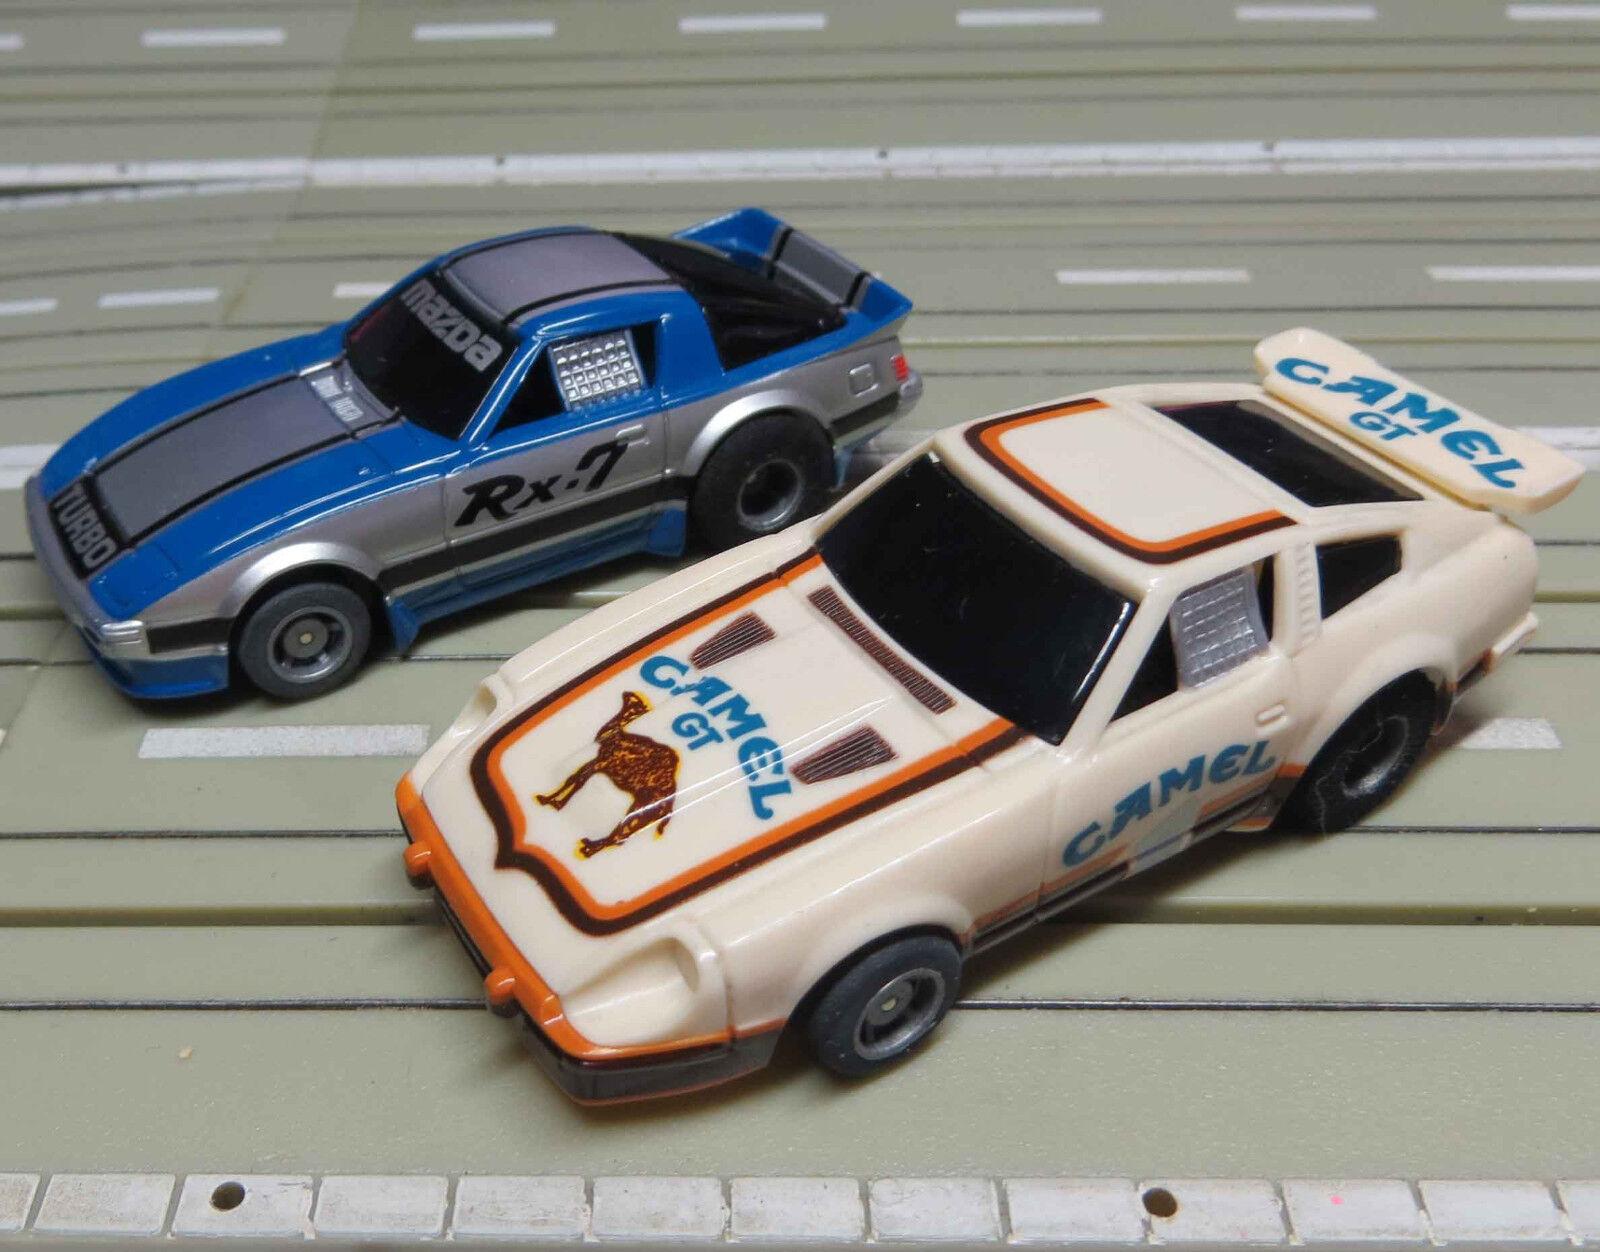 Per H0 Slotcar Racing Modellismo Ferroviario Datsun 280 Zx + Mazda Rx 7 con Tyco